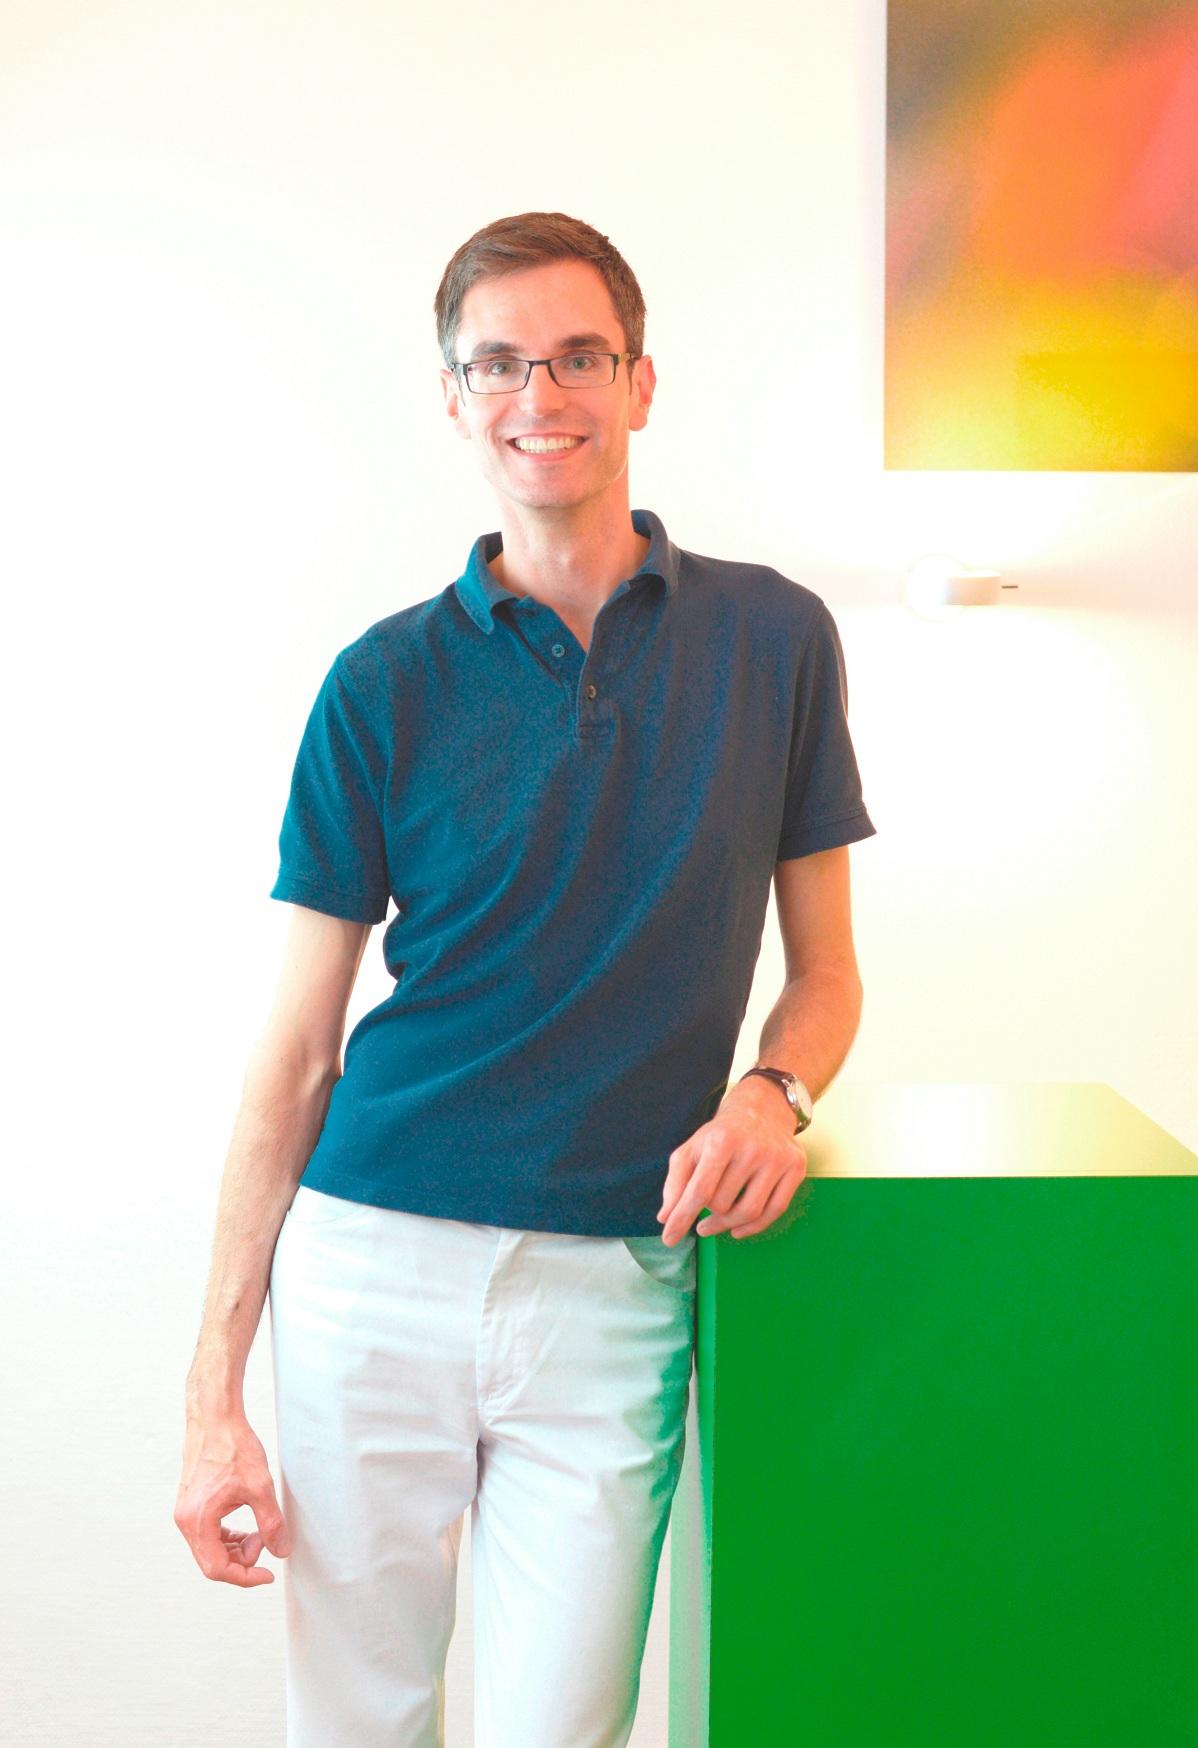 Bild Dr. U. Kastenbauer